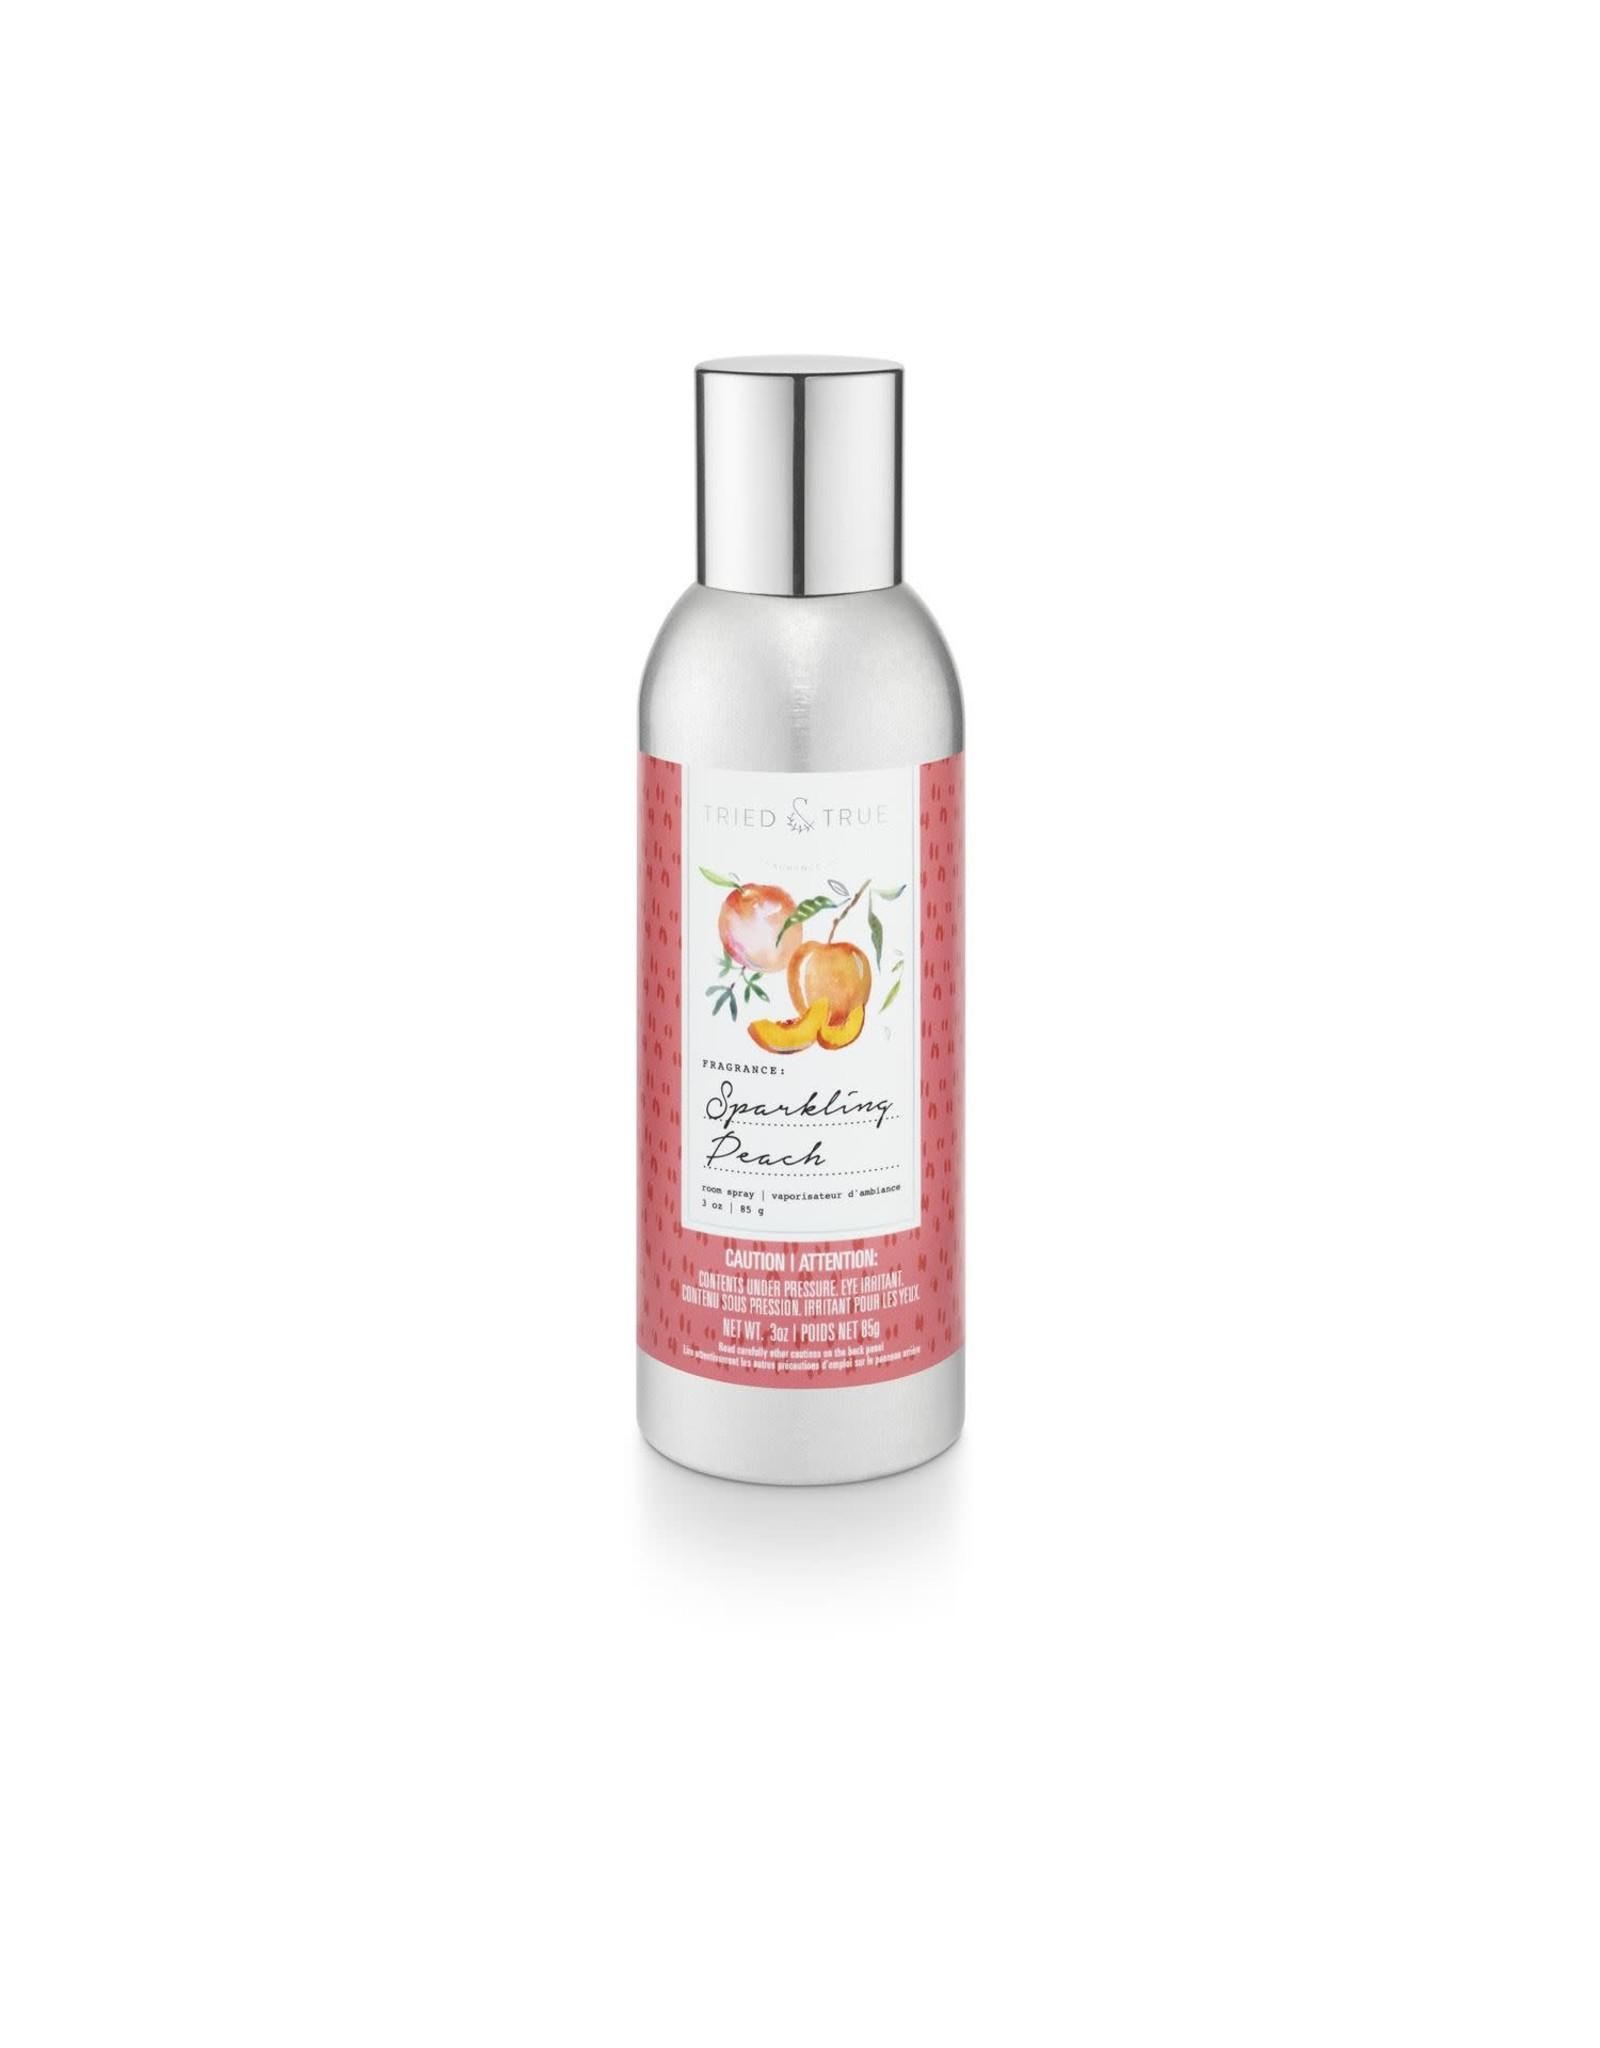 Tried & True 3 oz Room Spray - Sparkling Peach